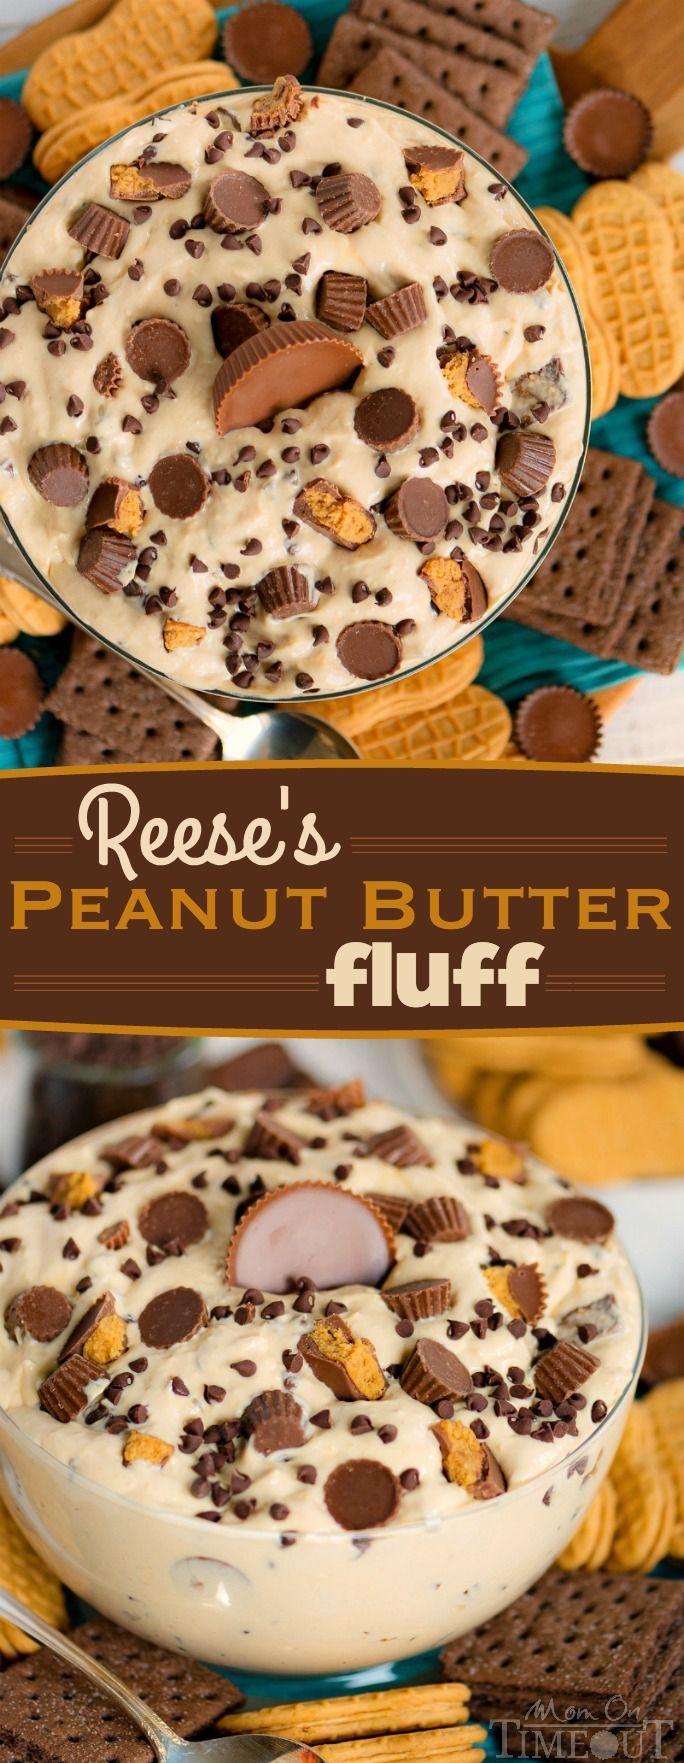 Reese's Peanut Butter Fluff ist ein einfaches und leckeres Dip oder Dessert,…